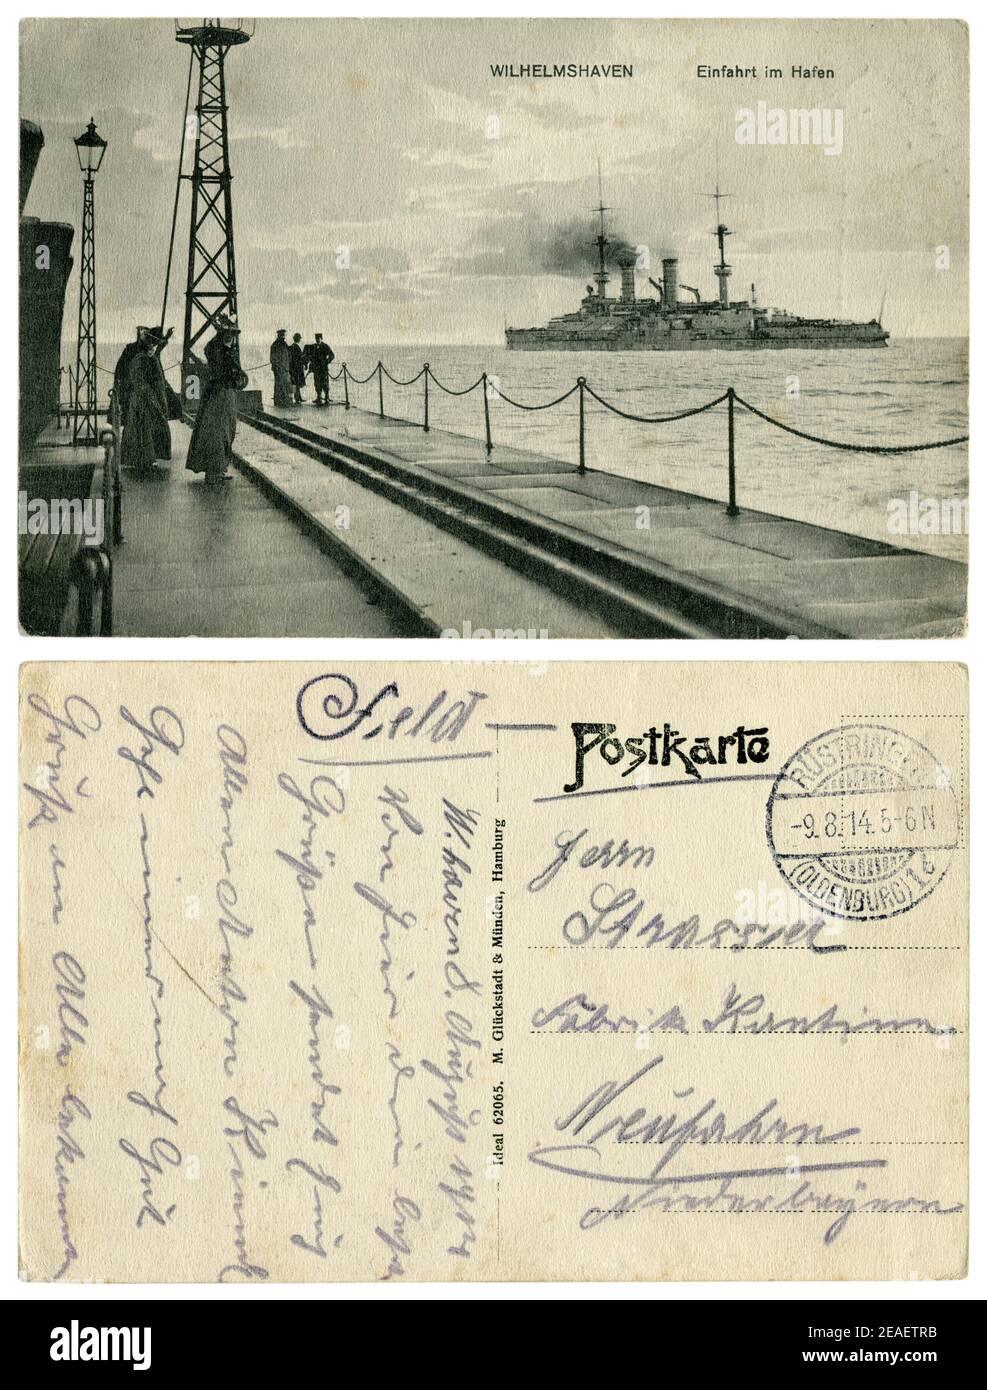 Carte postale historique allemande : jetée à l'entrée du port de Wilhelmshaven. Les femmes et les hommes regardent le navire de guerre. Guerre mondiale un 1914-1918 Banque D'Images